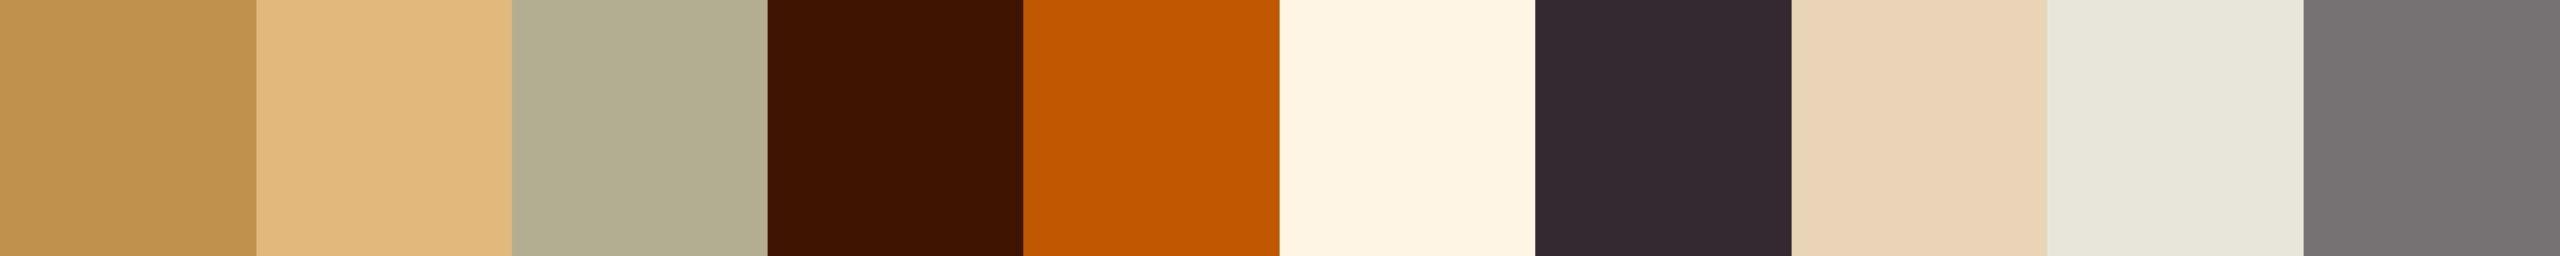 178 Prefora Color Palette